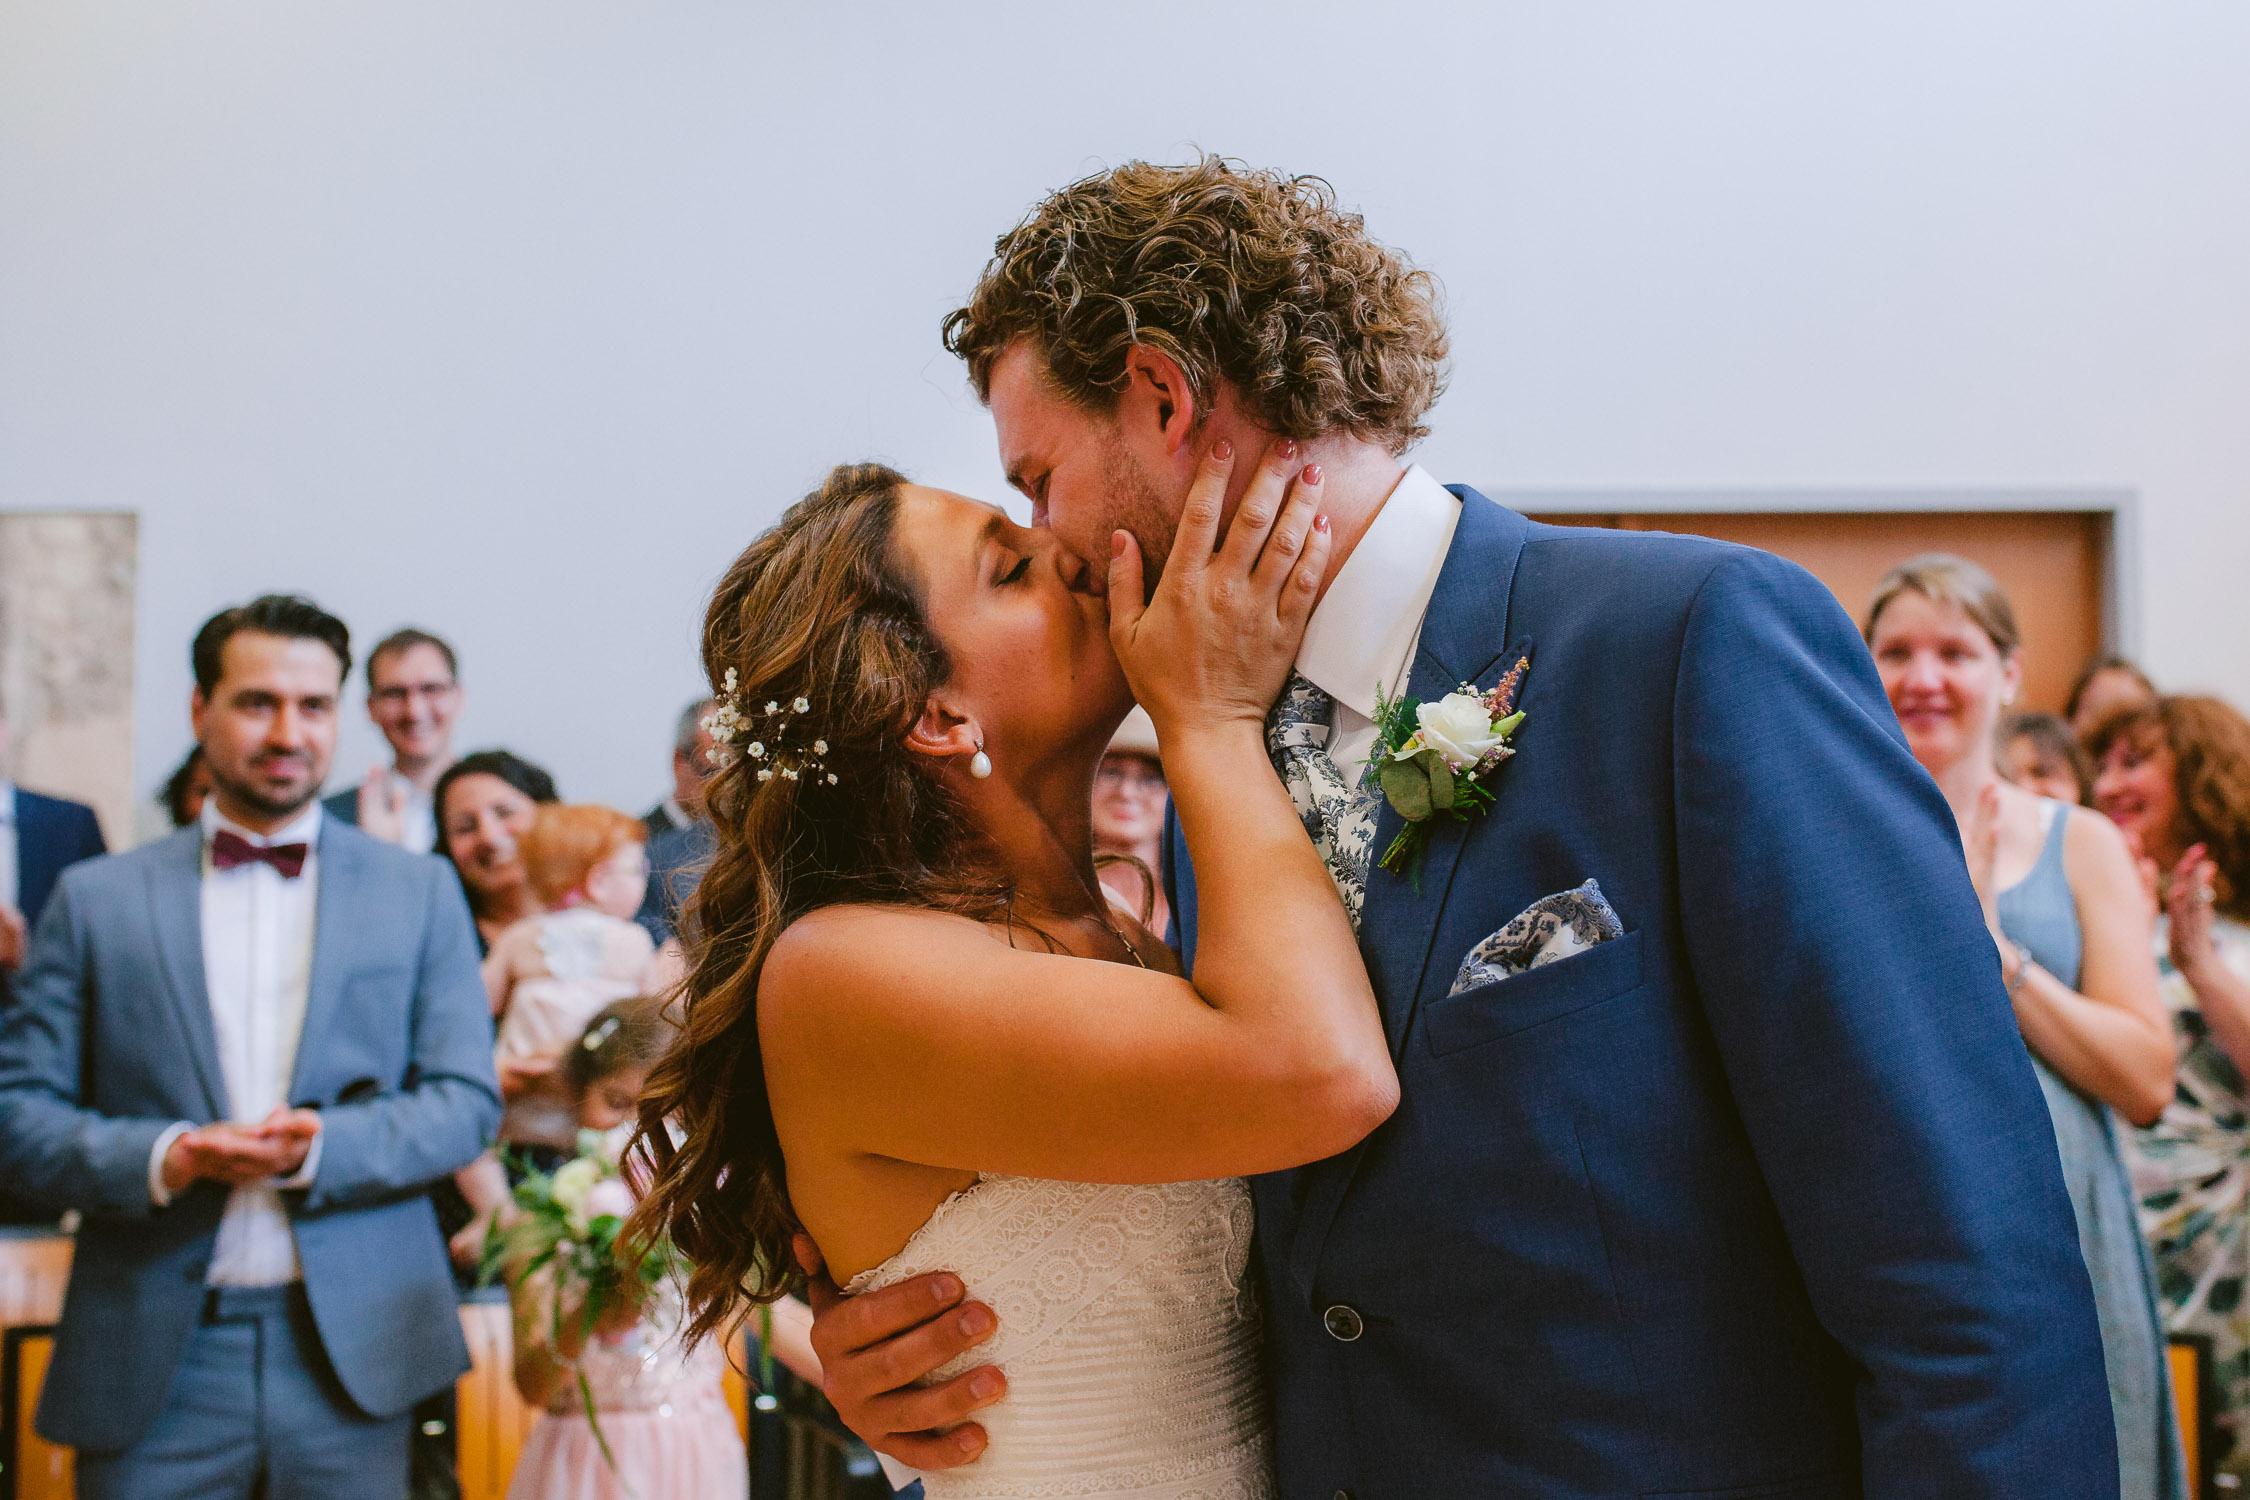 Sie dürfen die Braut nun küssen